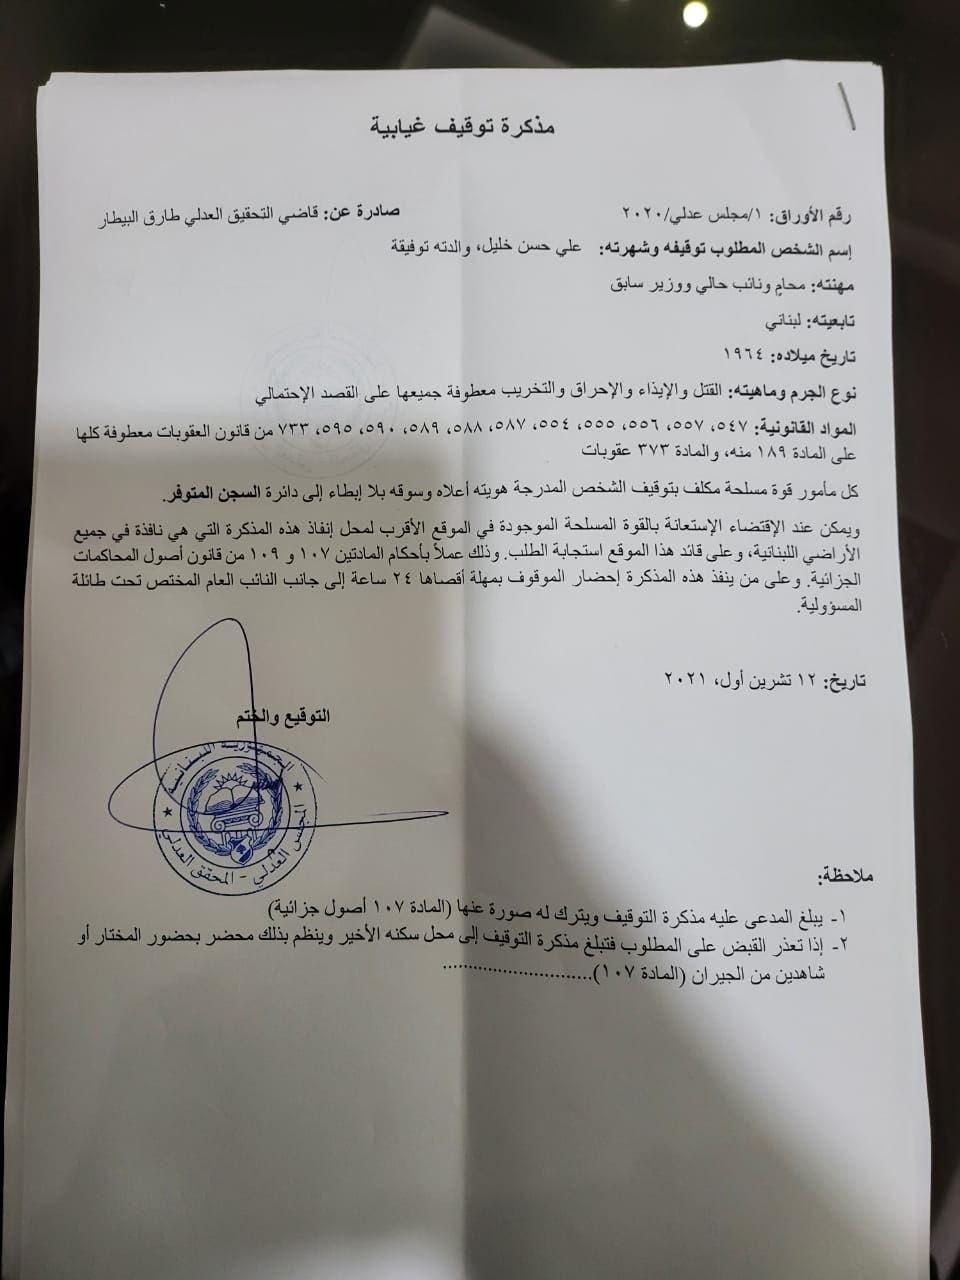 مذكرة التوقيف بحق علي حسن خليل